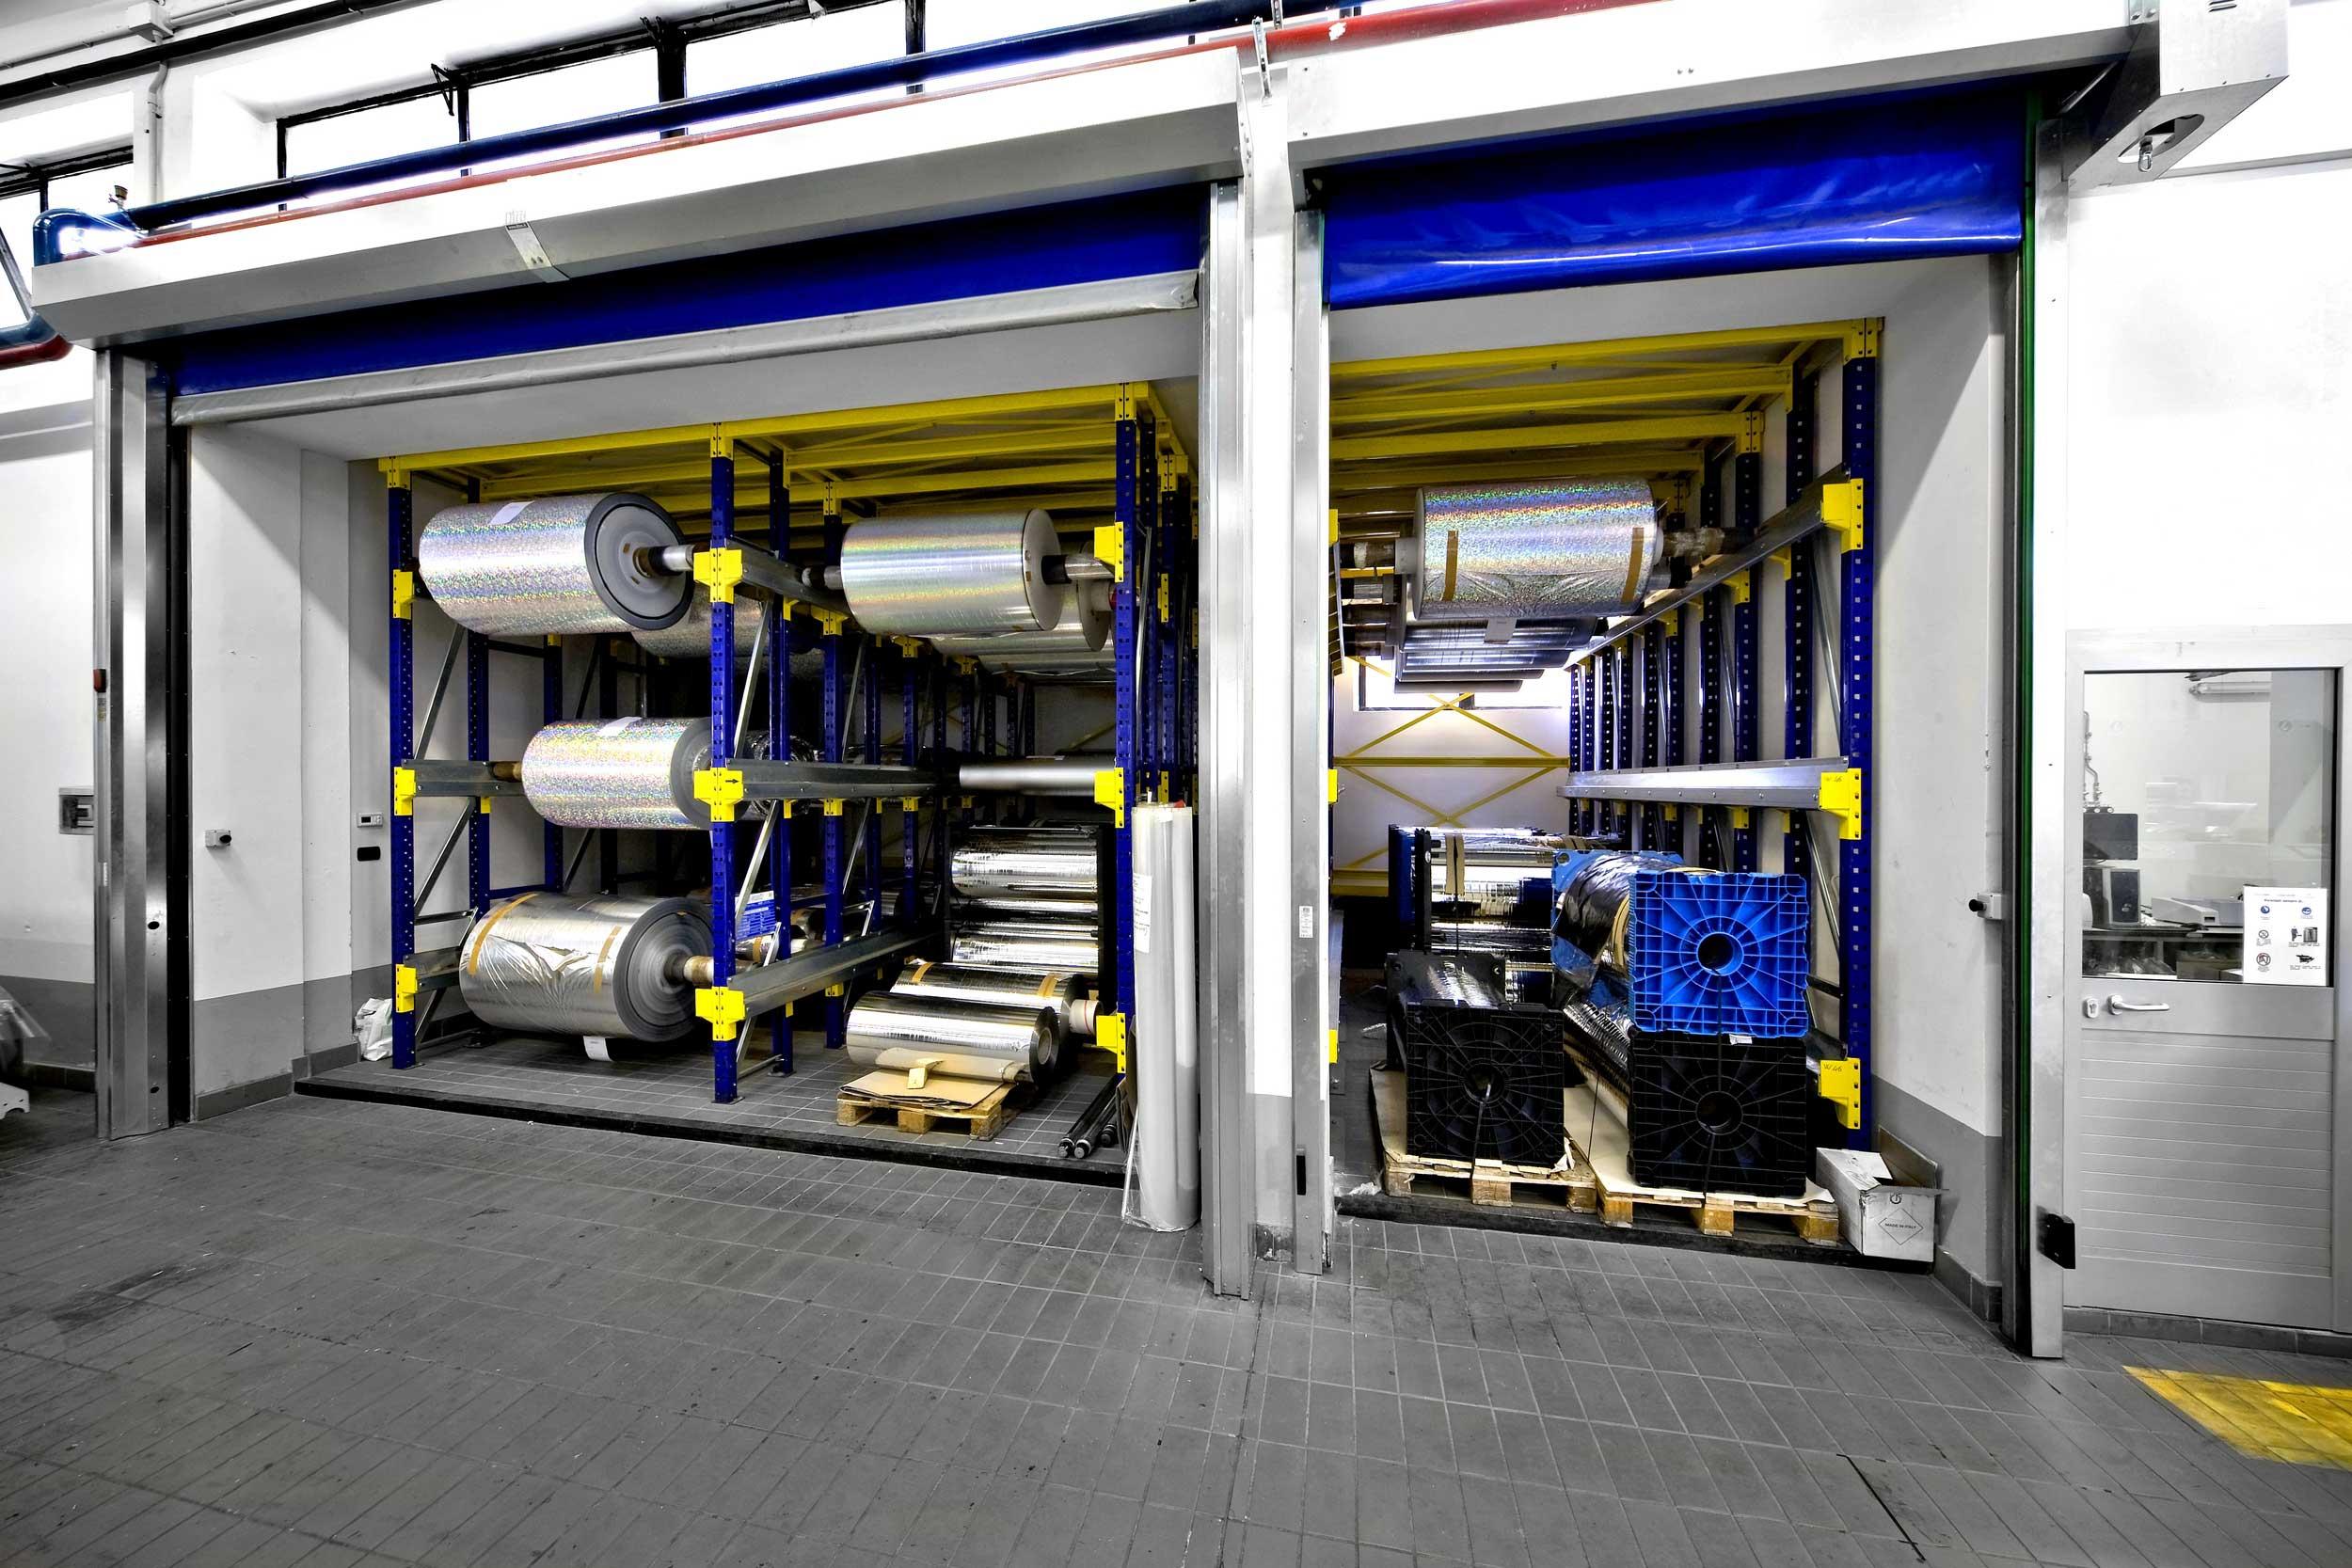 Le scaffalature drive-in Samit sono ideali per immagazzinare prodotti pallettizzati a lenta rotazione con un limitato numero di referenze.